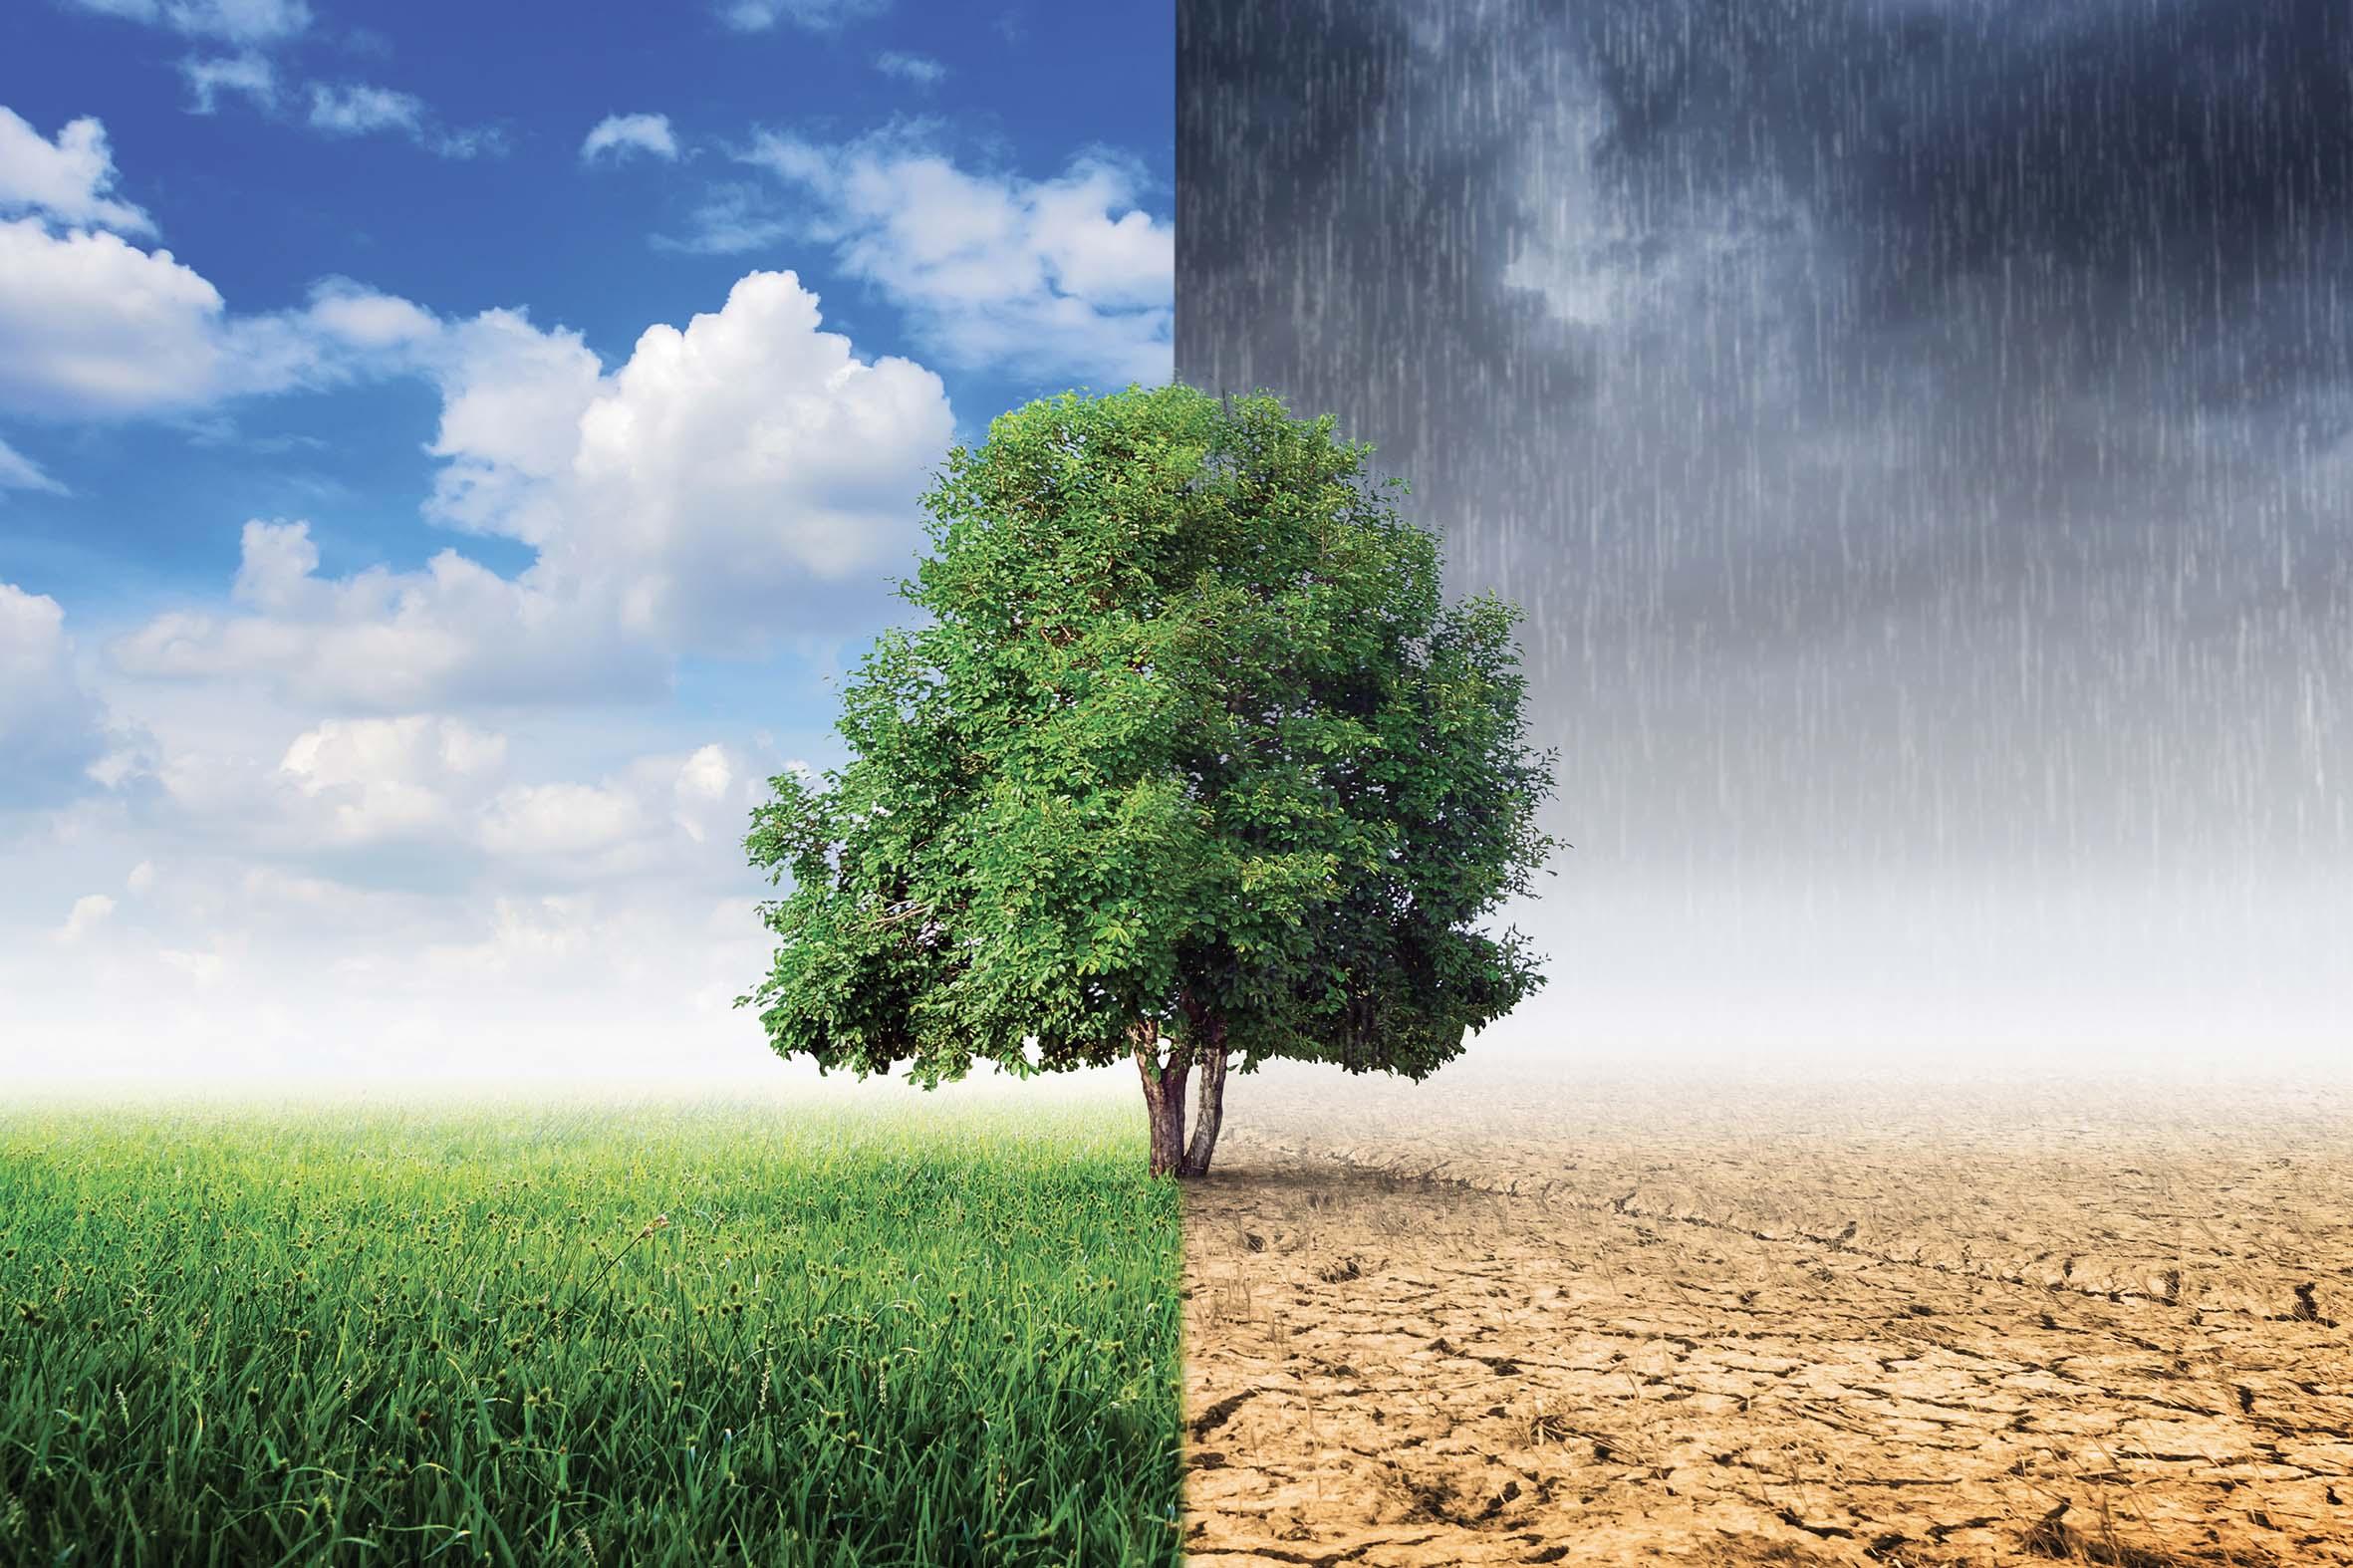 Il ruolo del cambiamento climatico nelle nomine dei membri del CdA